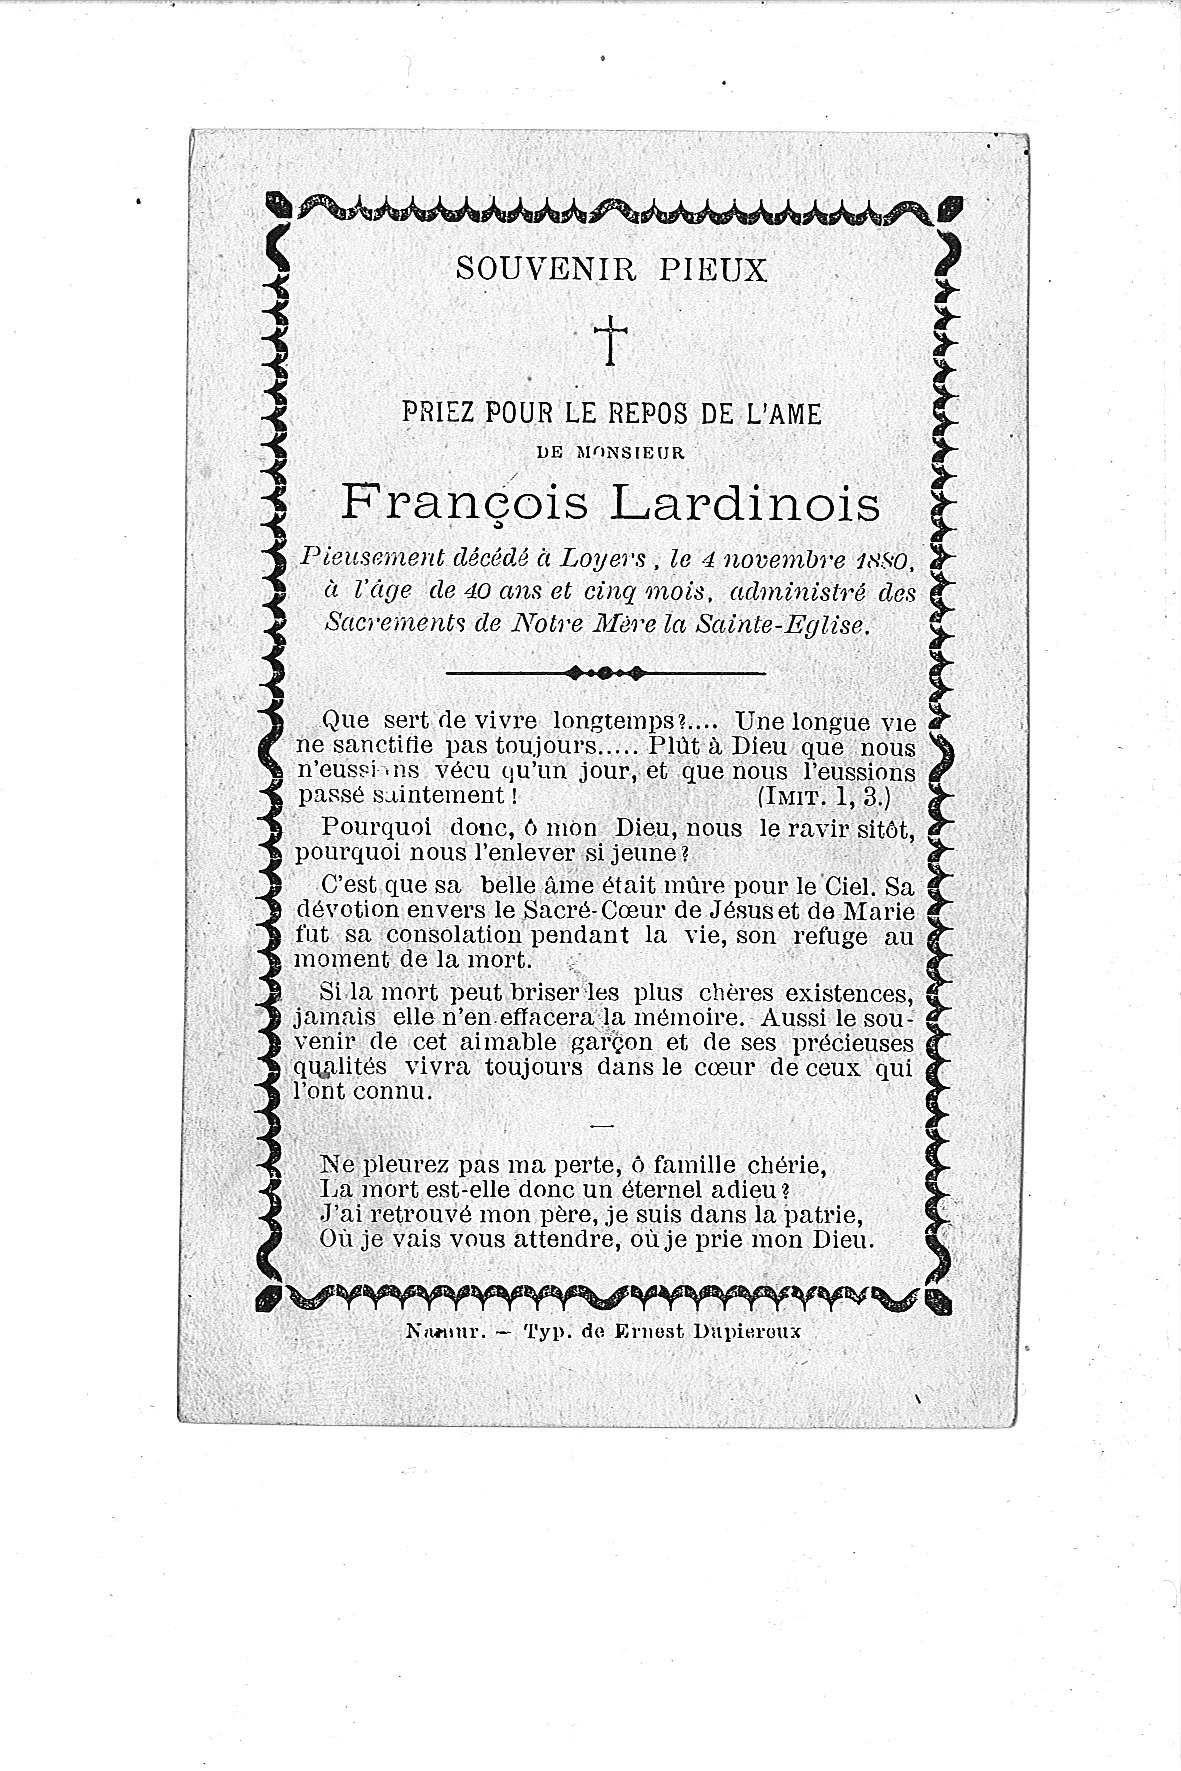 François(1880)20091215121541_00005.jpg